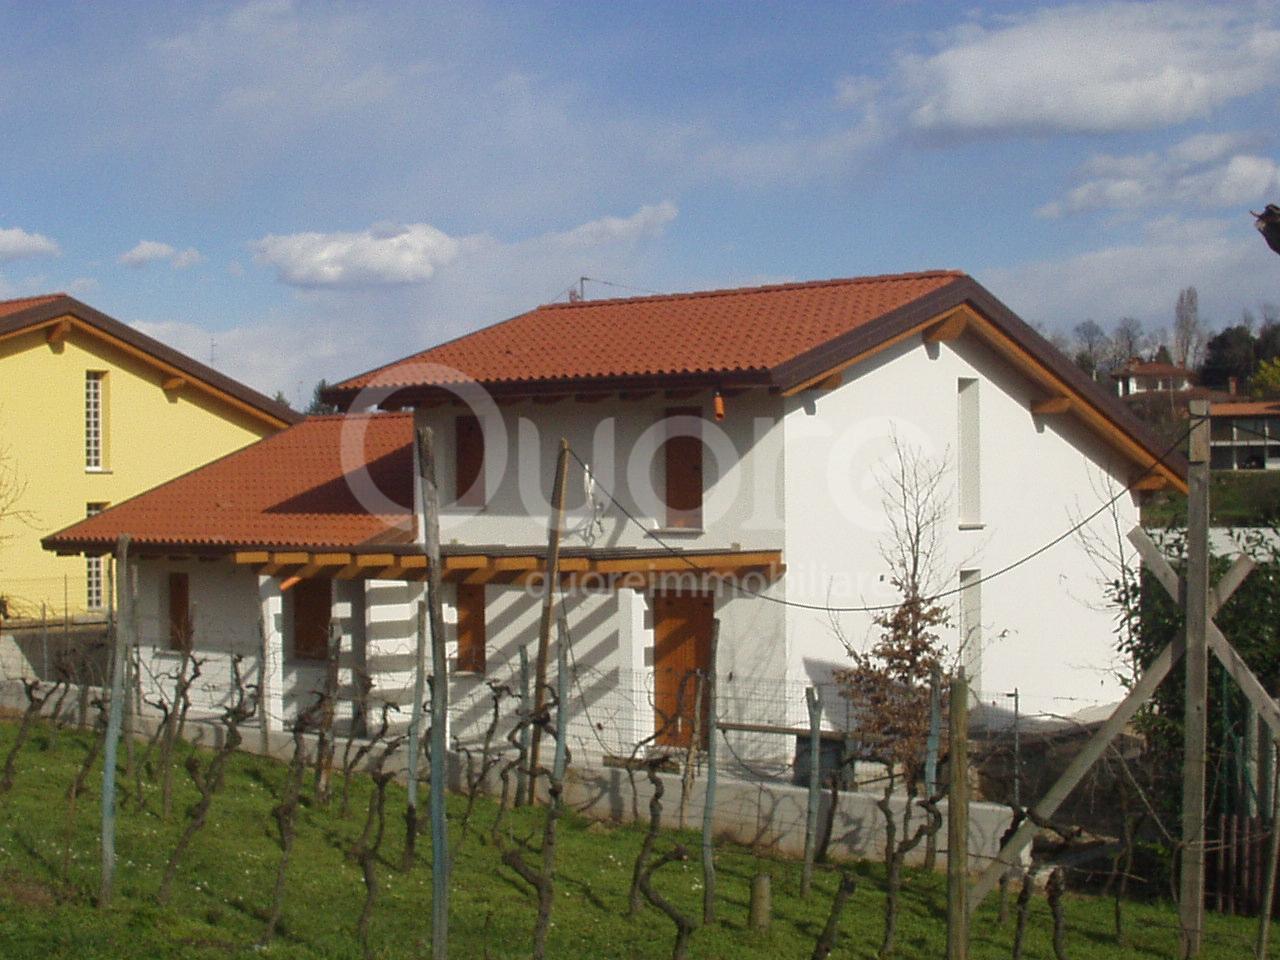 Villa in vendita a Moruzzo, 8 locali, prezzo € 230.000 | CambioCasa.it